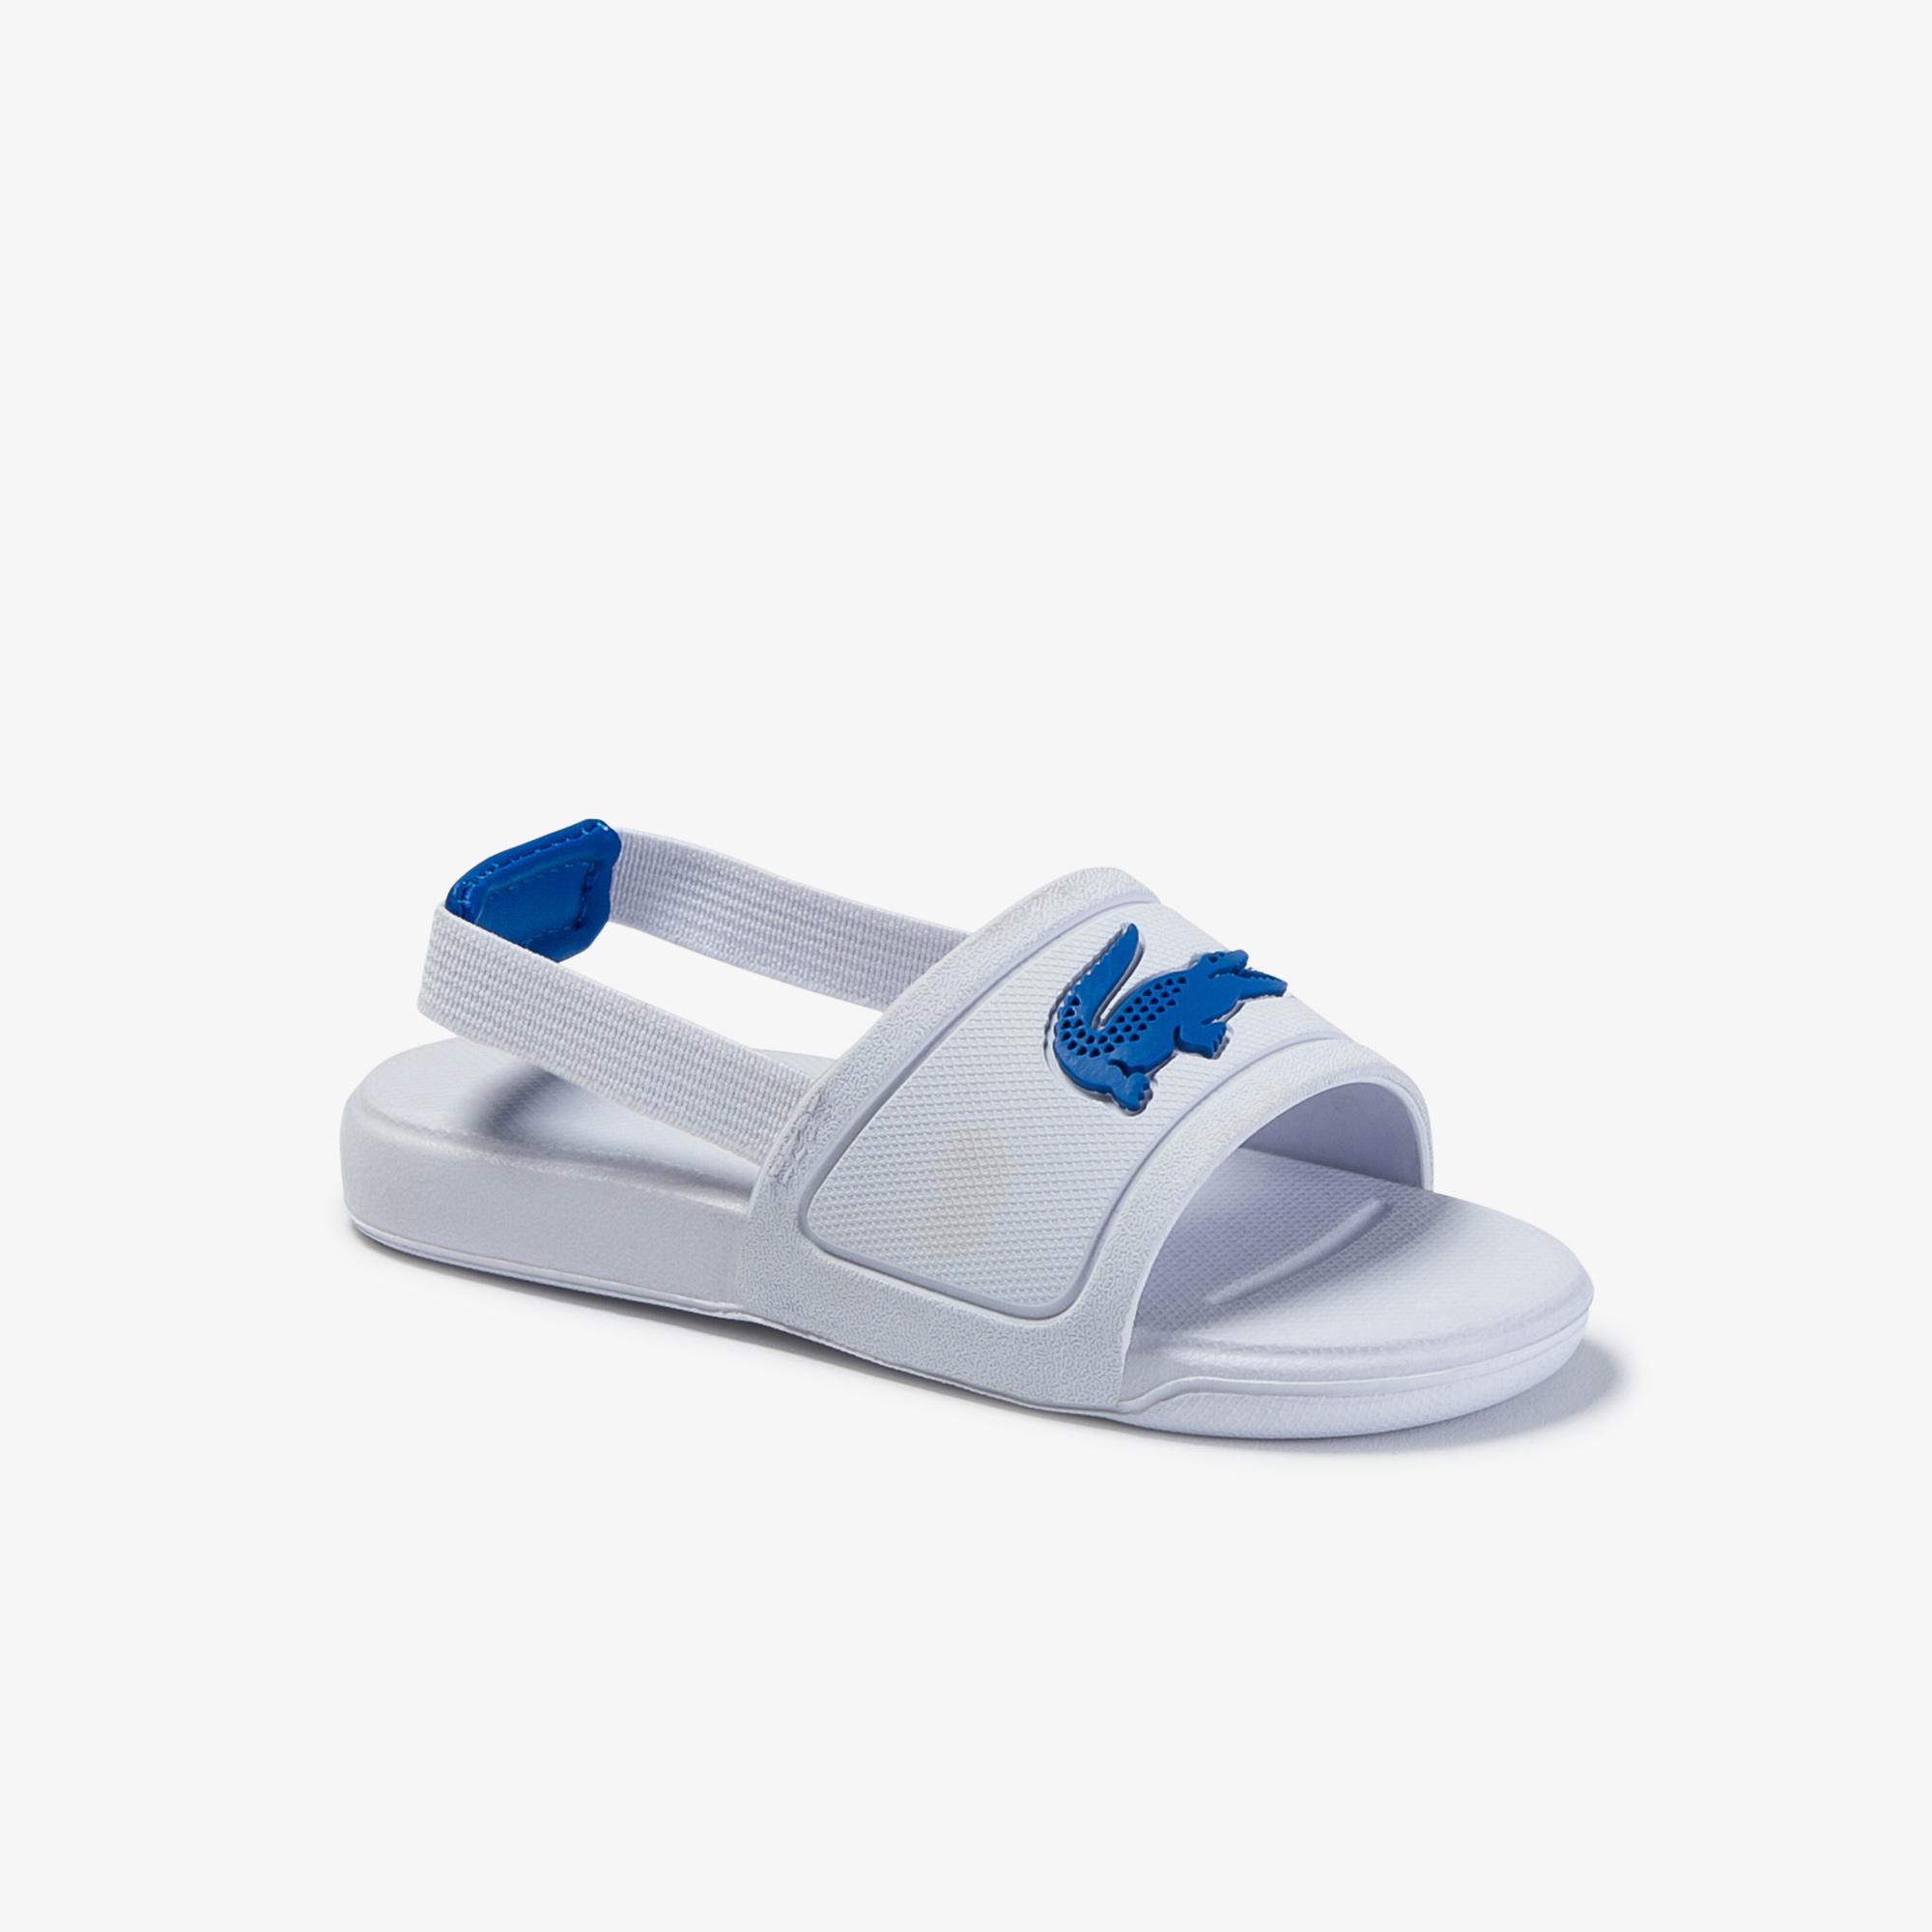 Lacoste L.30 Slide 120 1 Cui Çocuk Timsah Baskılı Beyaz Sandalet